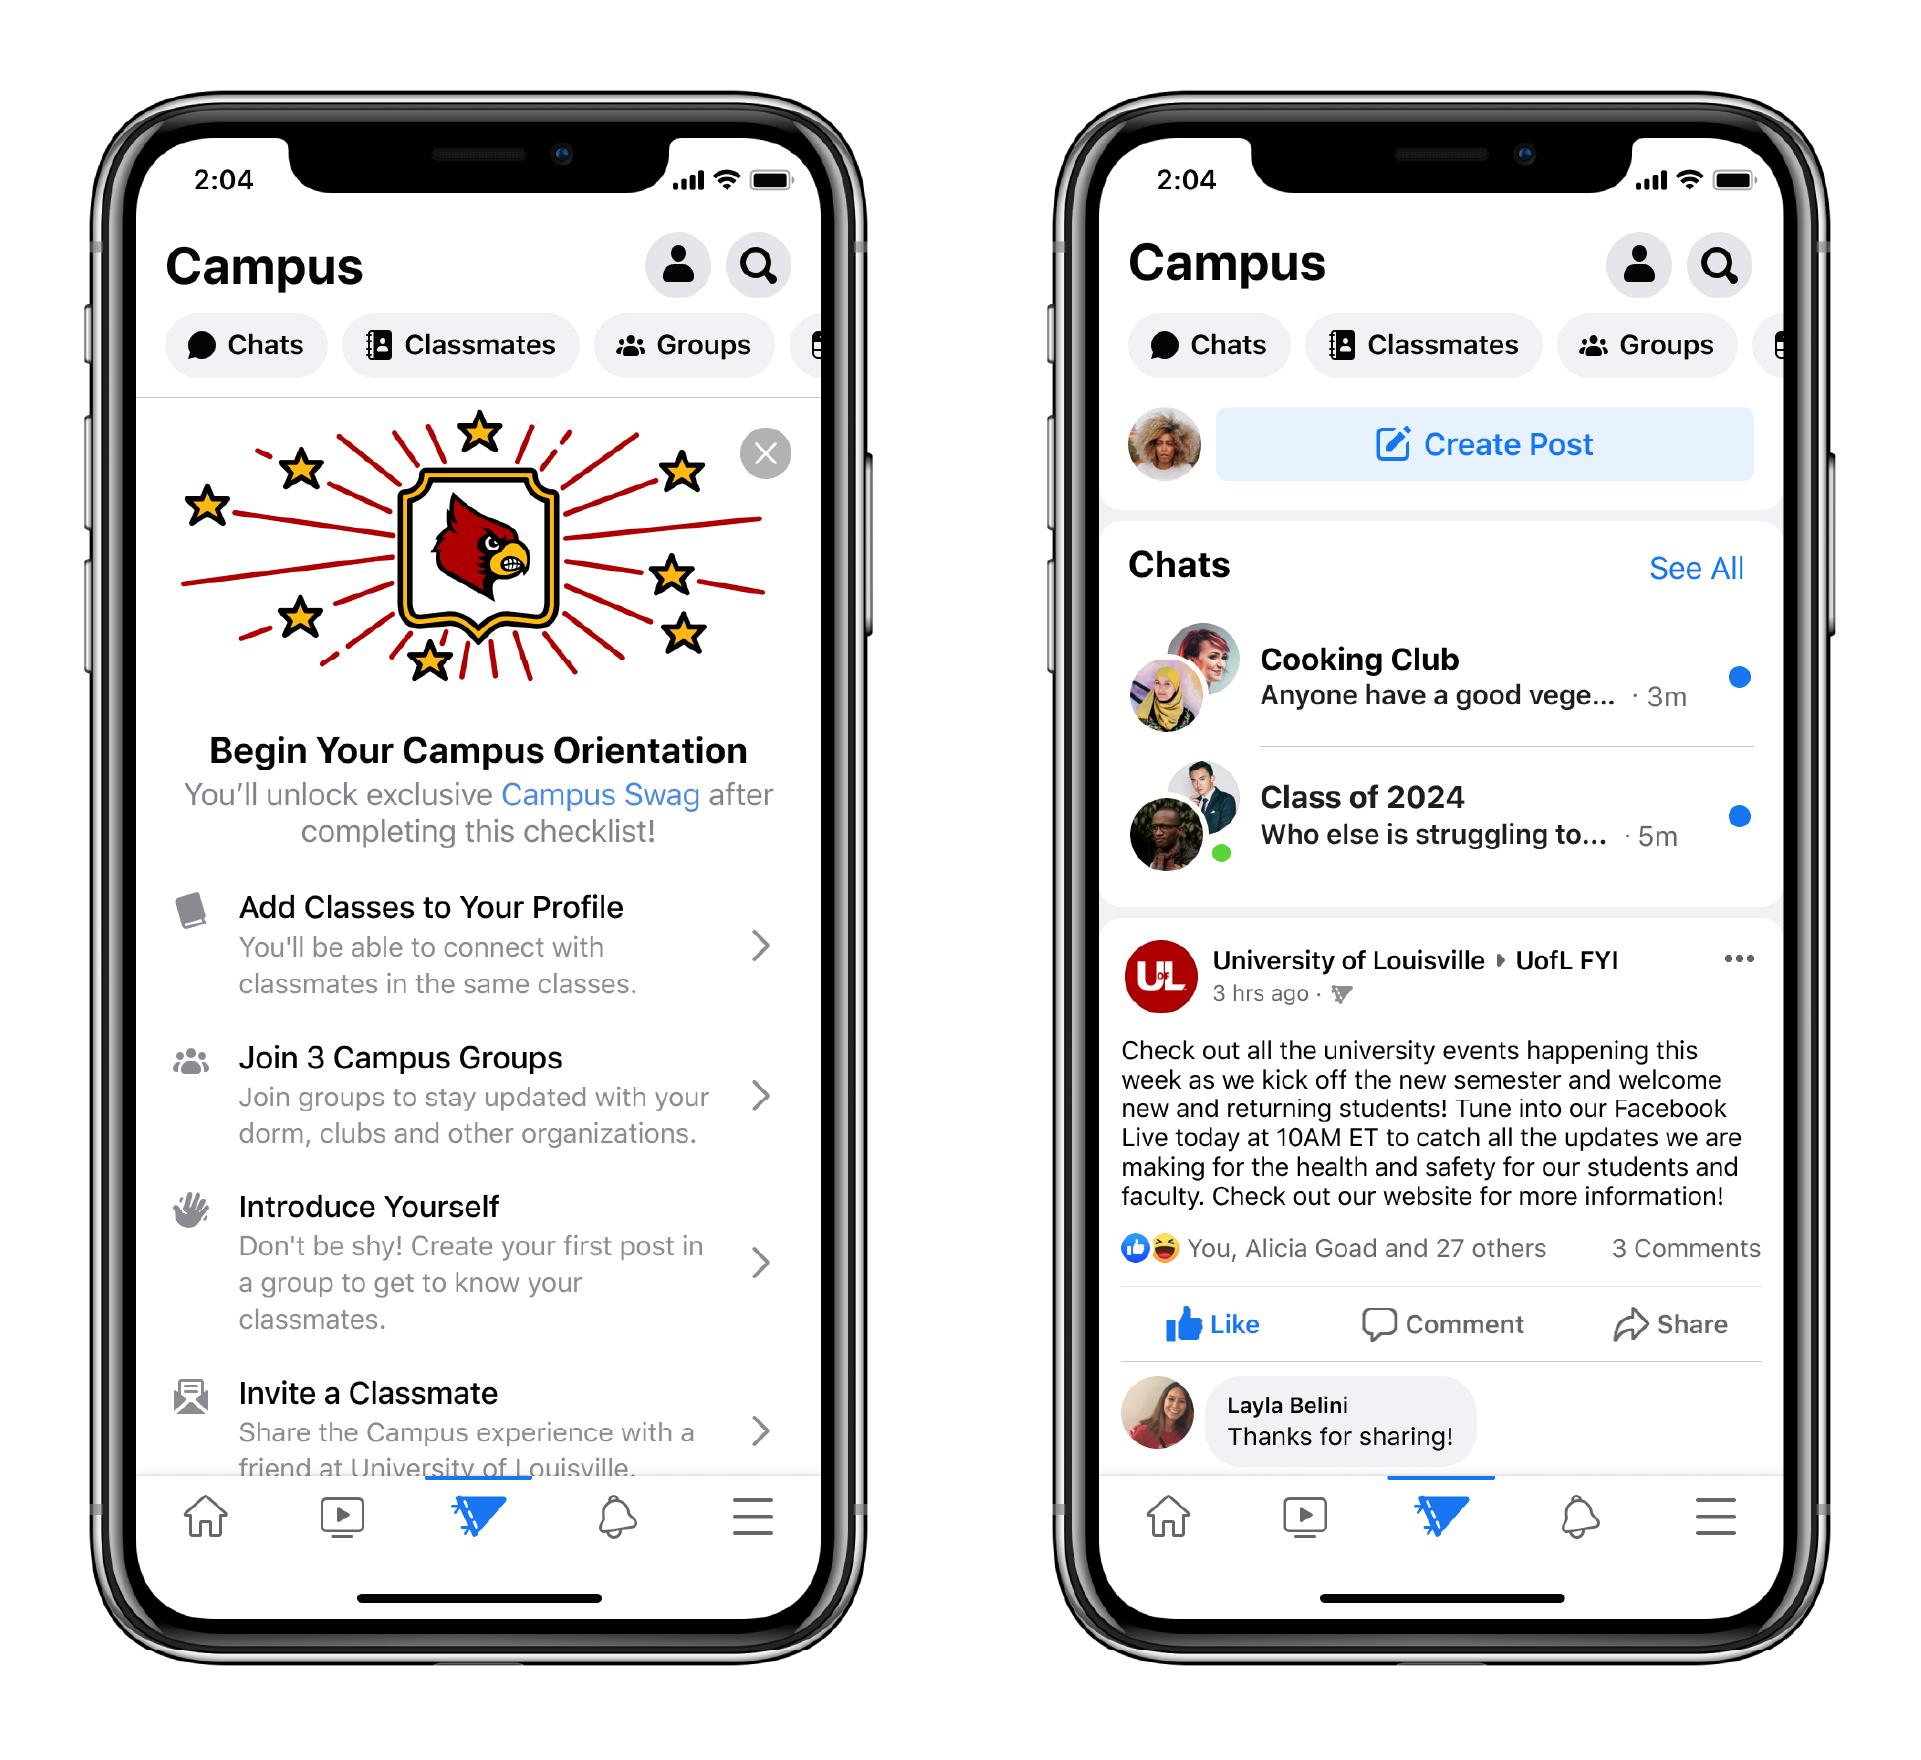 Facebook запустила платформу для учащихся колледжей и университетов